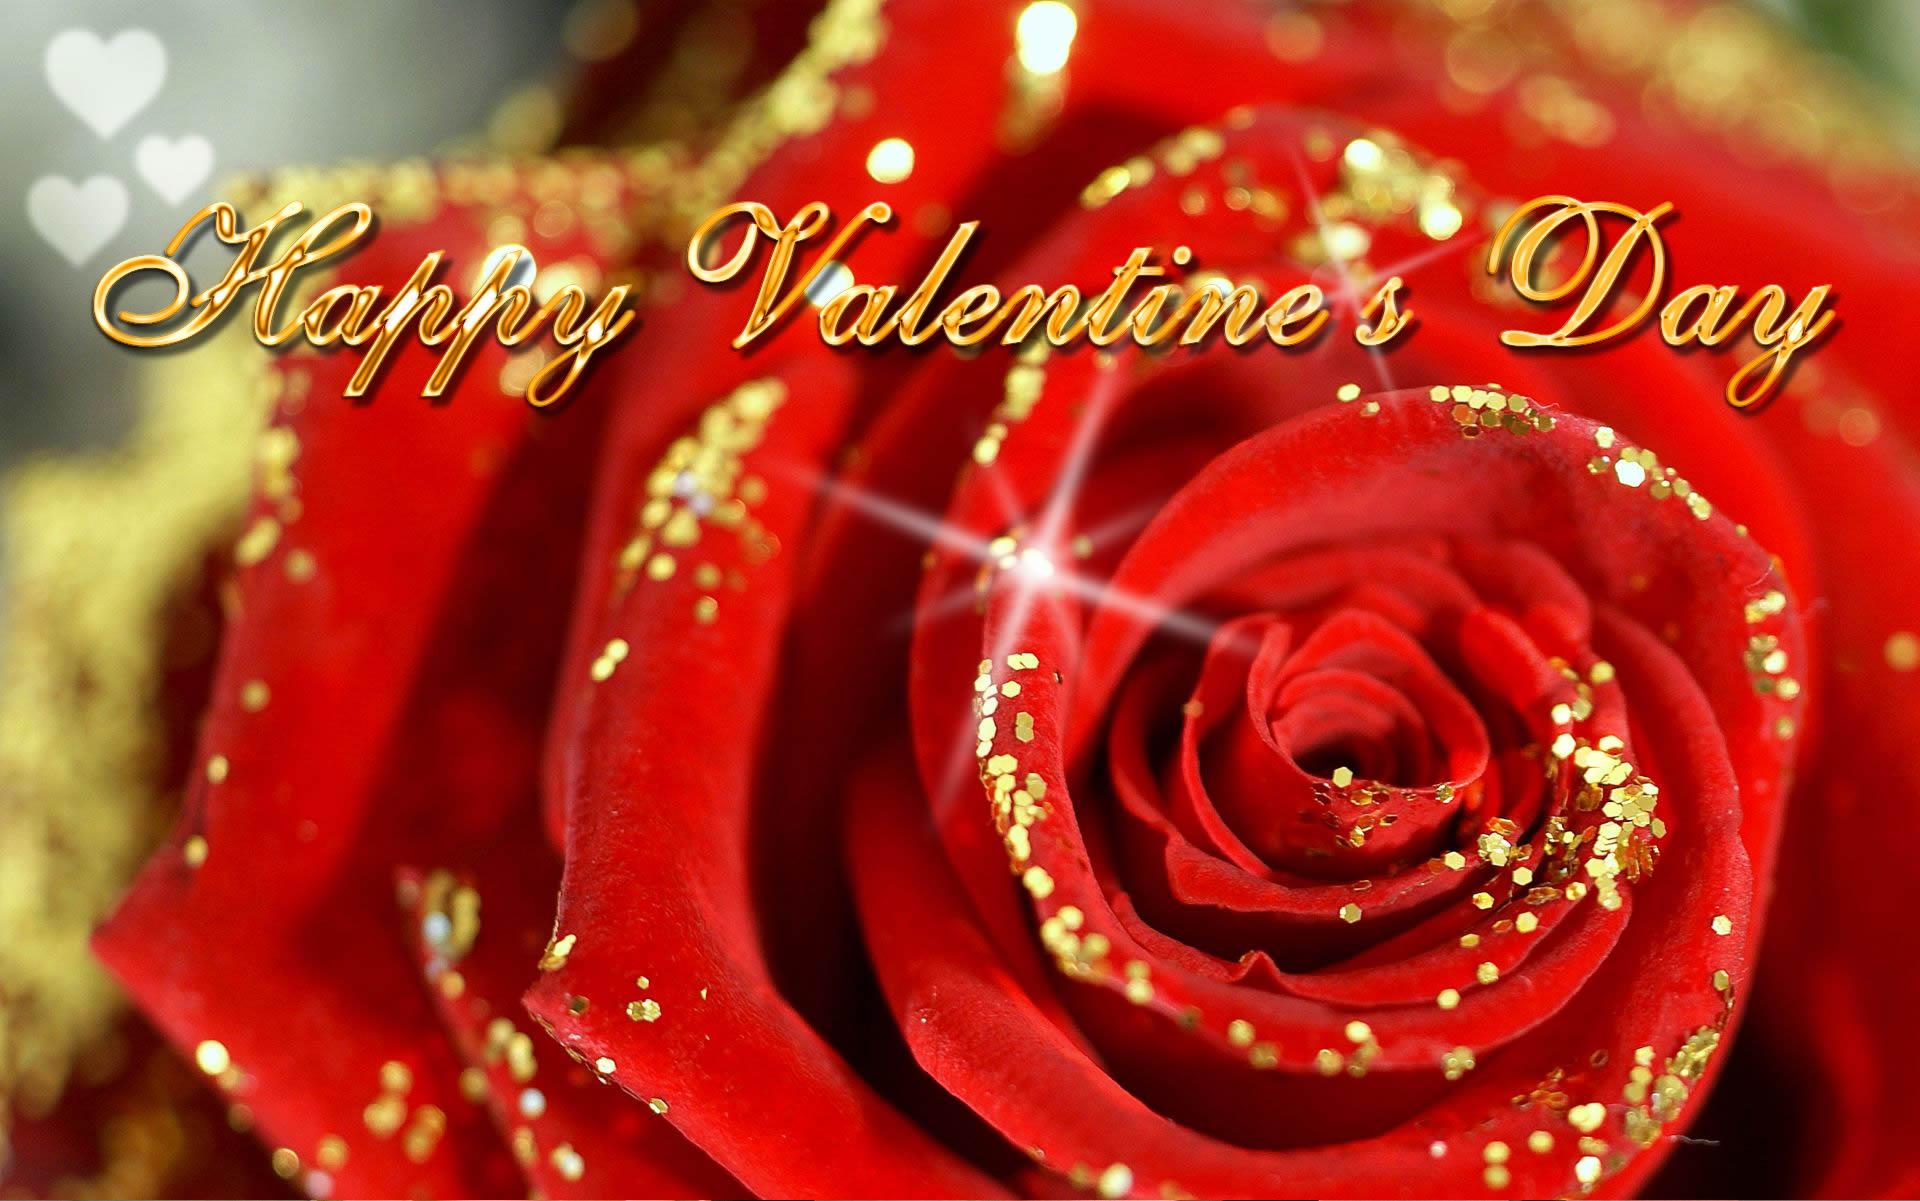 Saint Valentine's Day Happy-valentines-day-ecard-wallpaper-rose-golden-glitter-13